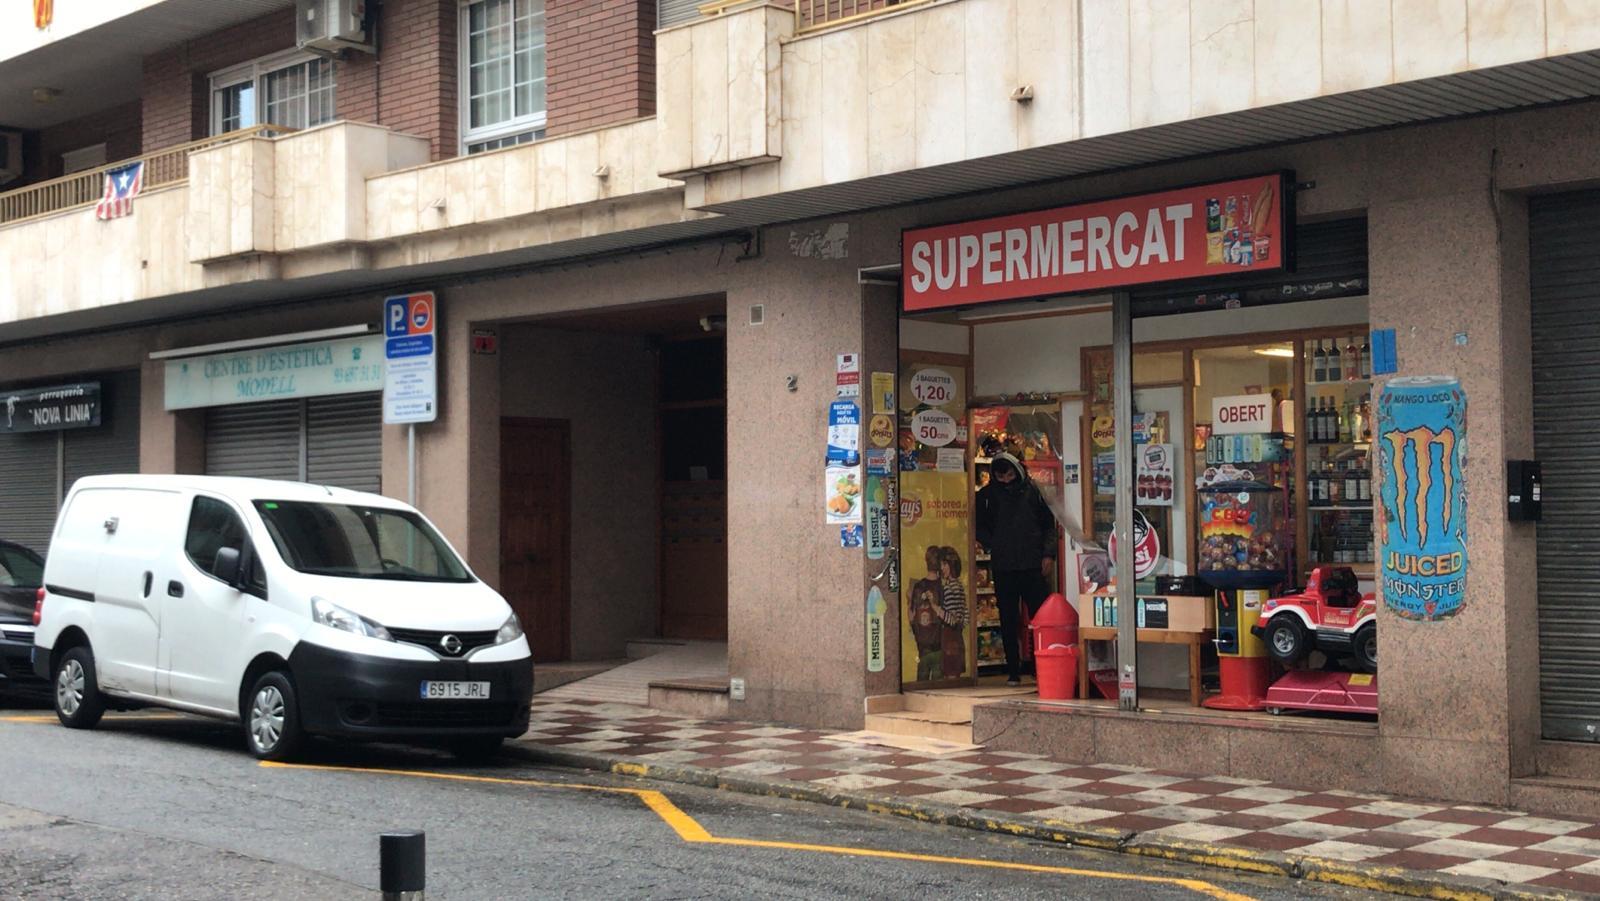 El mal temps i les botigues tancades deixen el centre de Rubí pràcticament buit. FOTO: Andrea Martínez